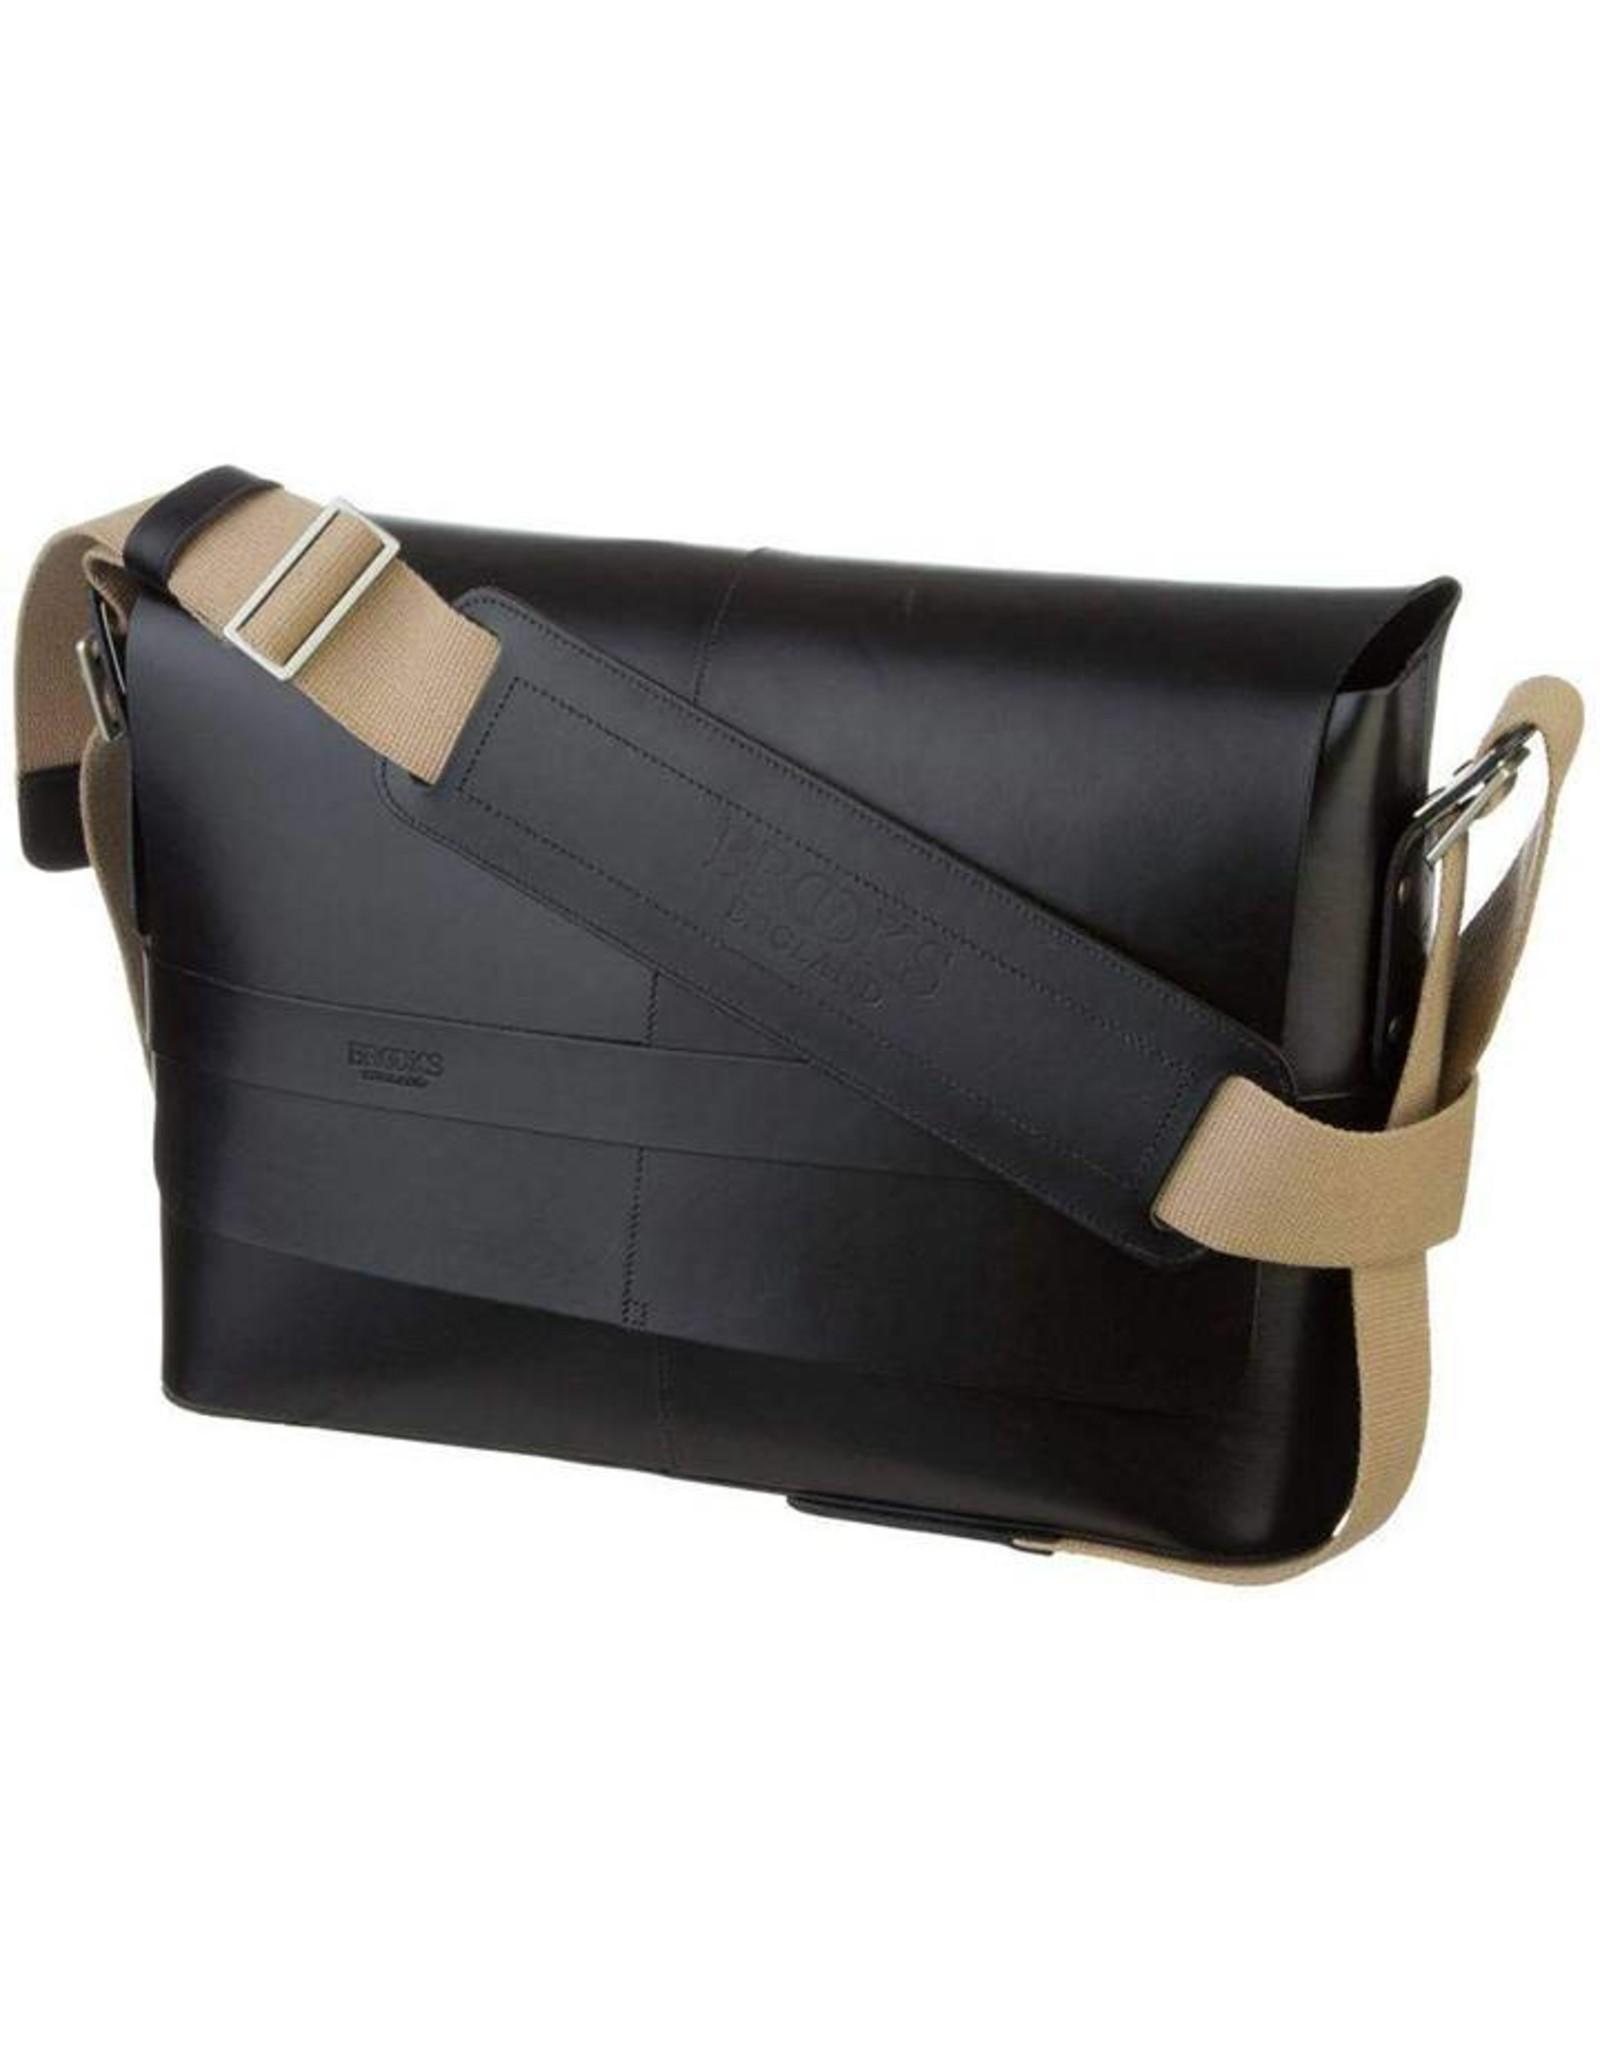 Brooks Brooks Barbican Messenger Bag - Black